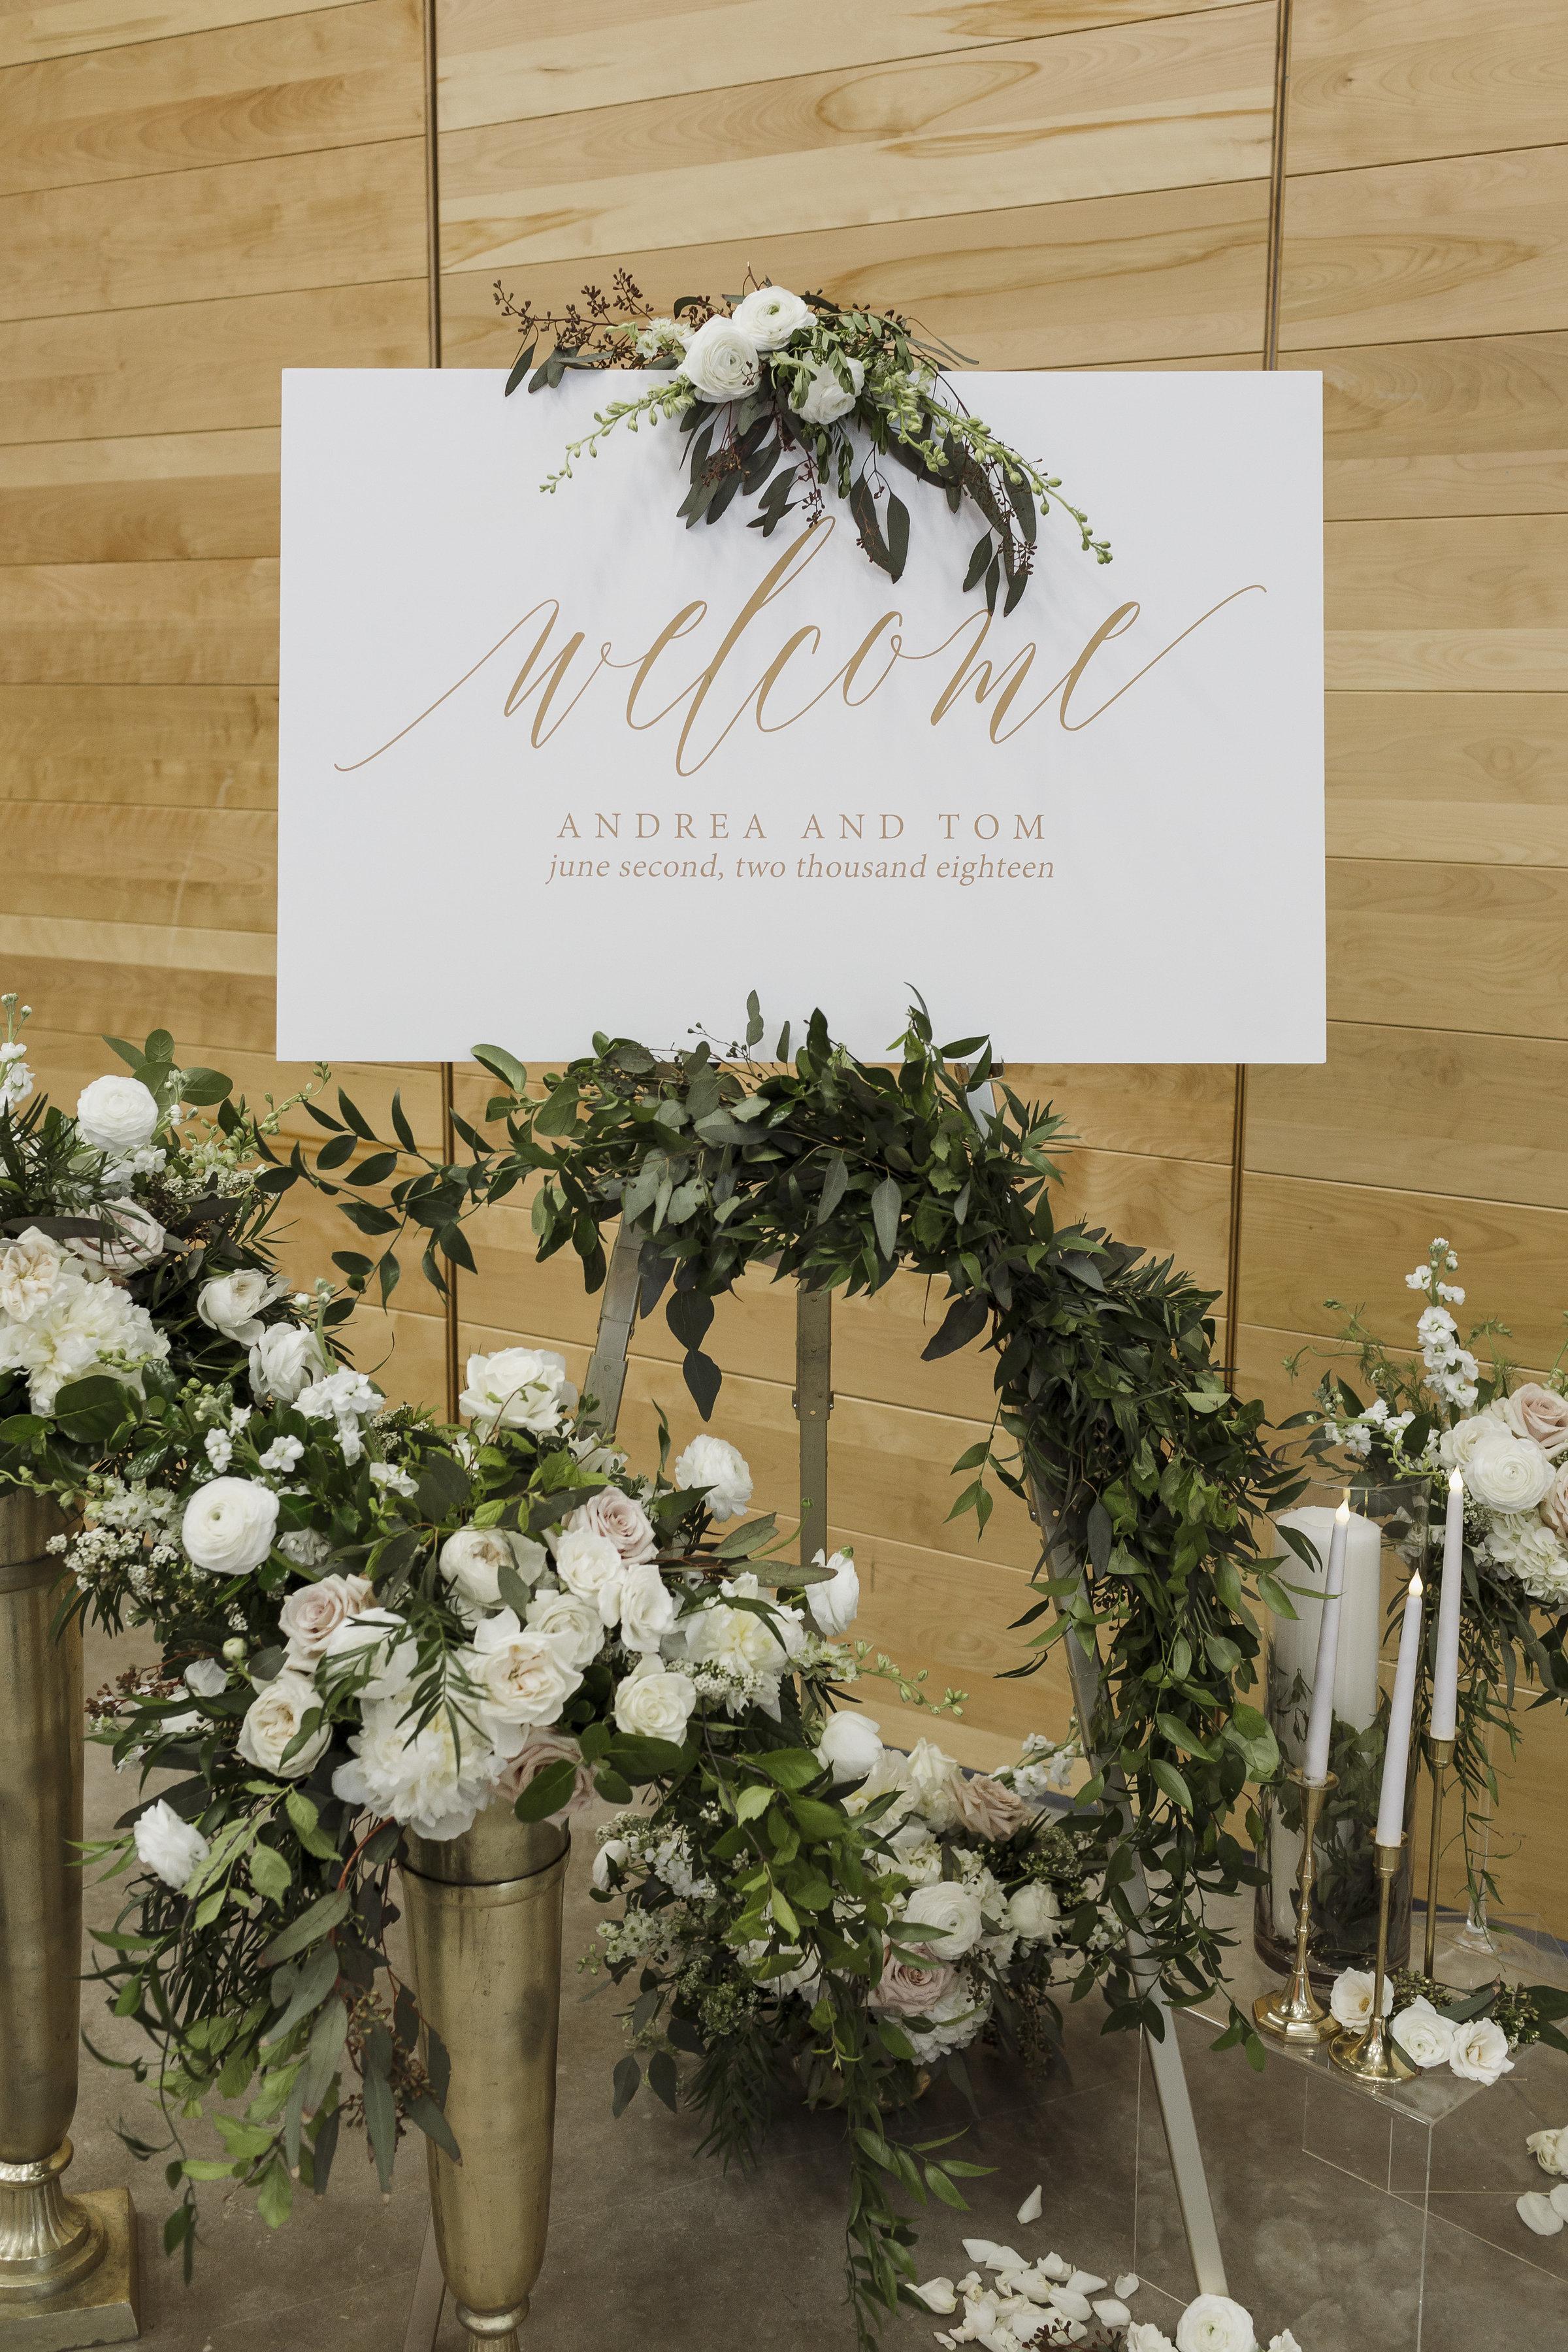 AndreaTom_wedding_finals_154.jpg